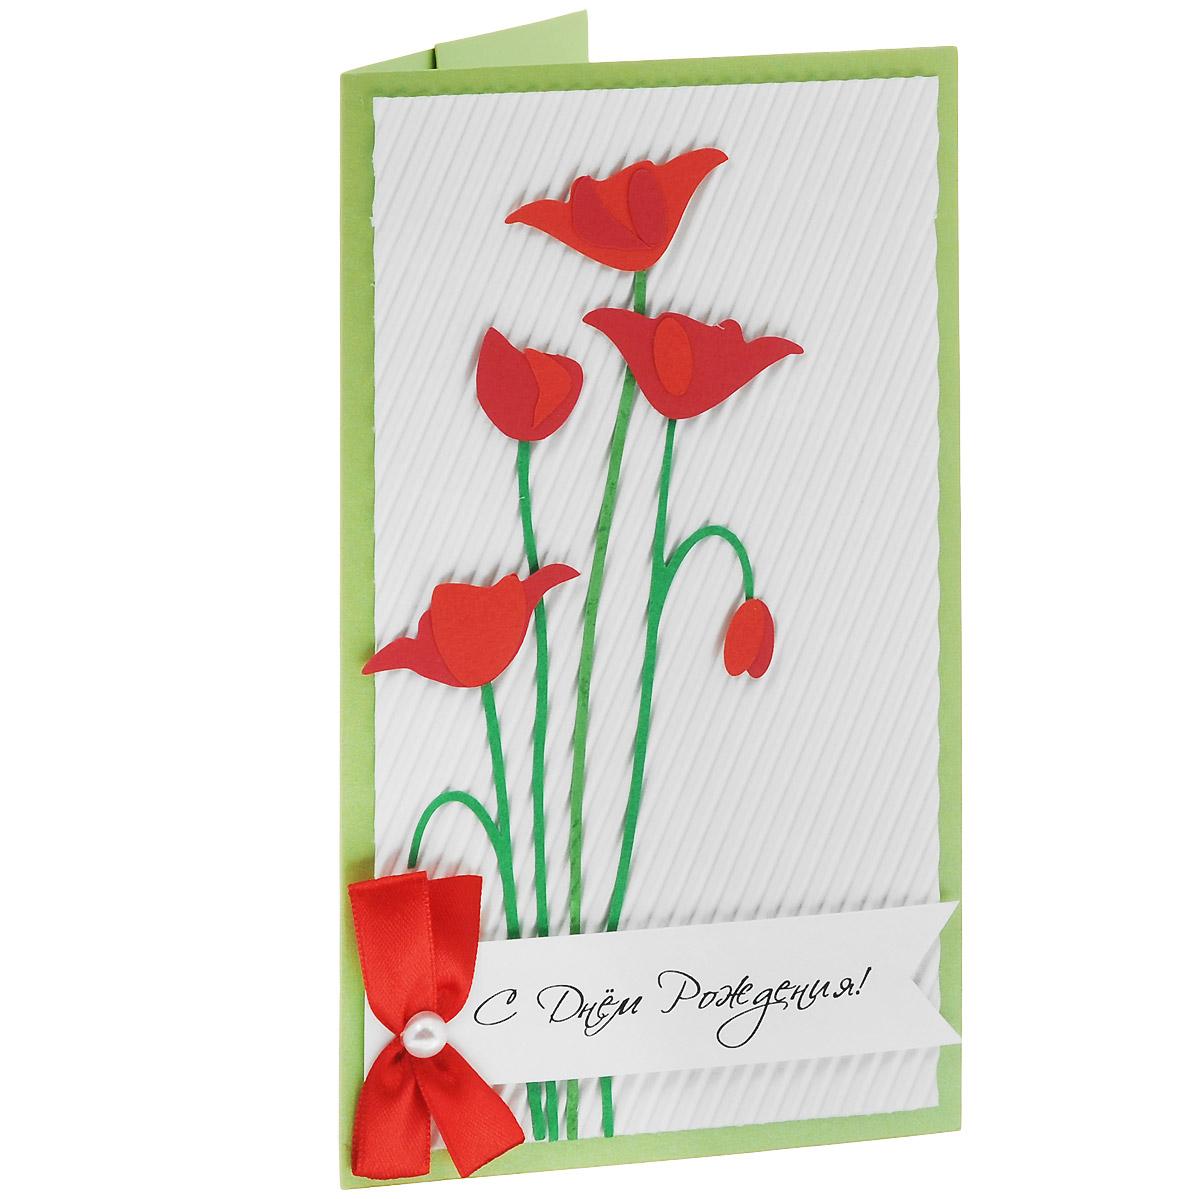 ОЖ-0019 Открытка-конверт «С Днём Рождения!» (маки на белом). Студия «Тётя Роза»